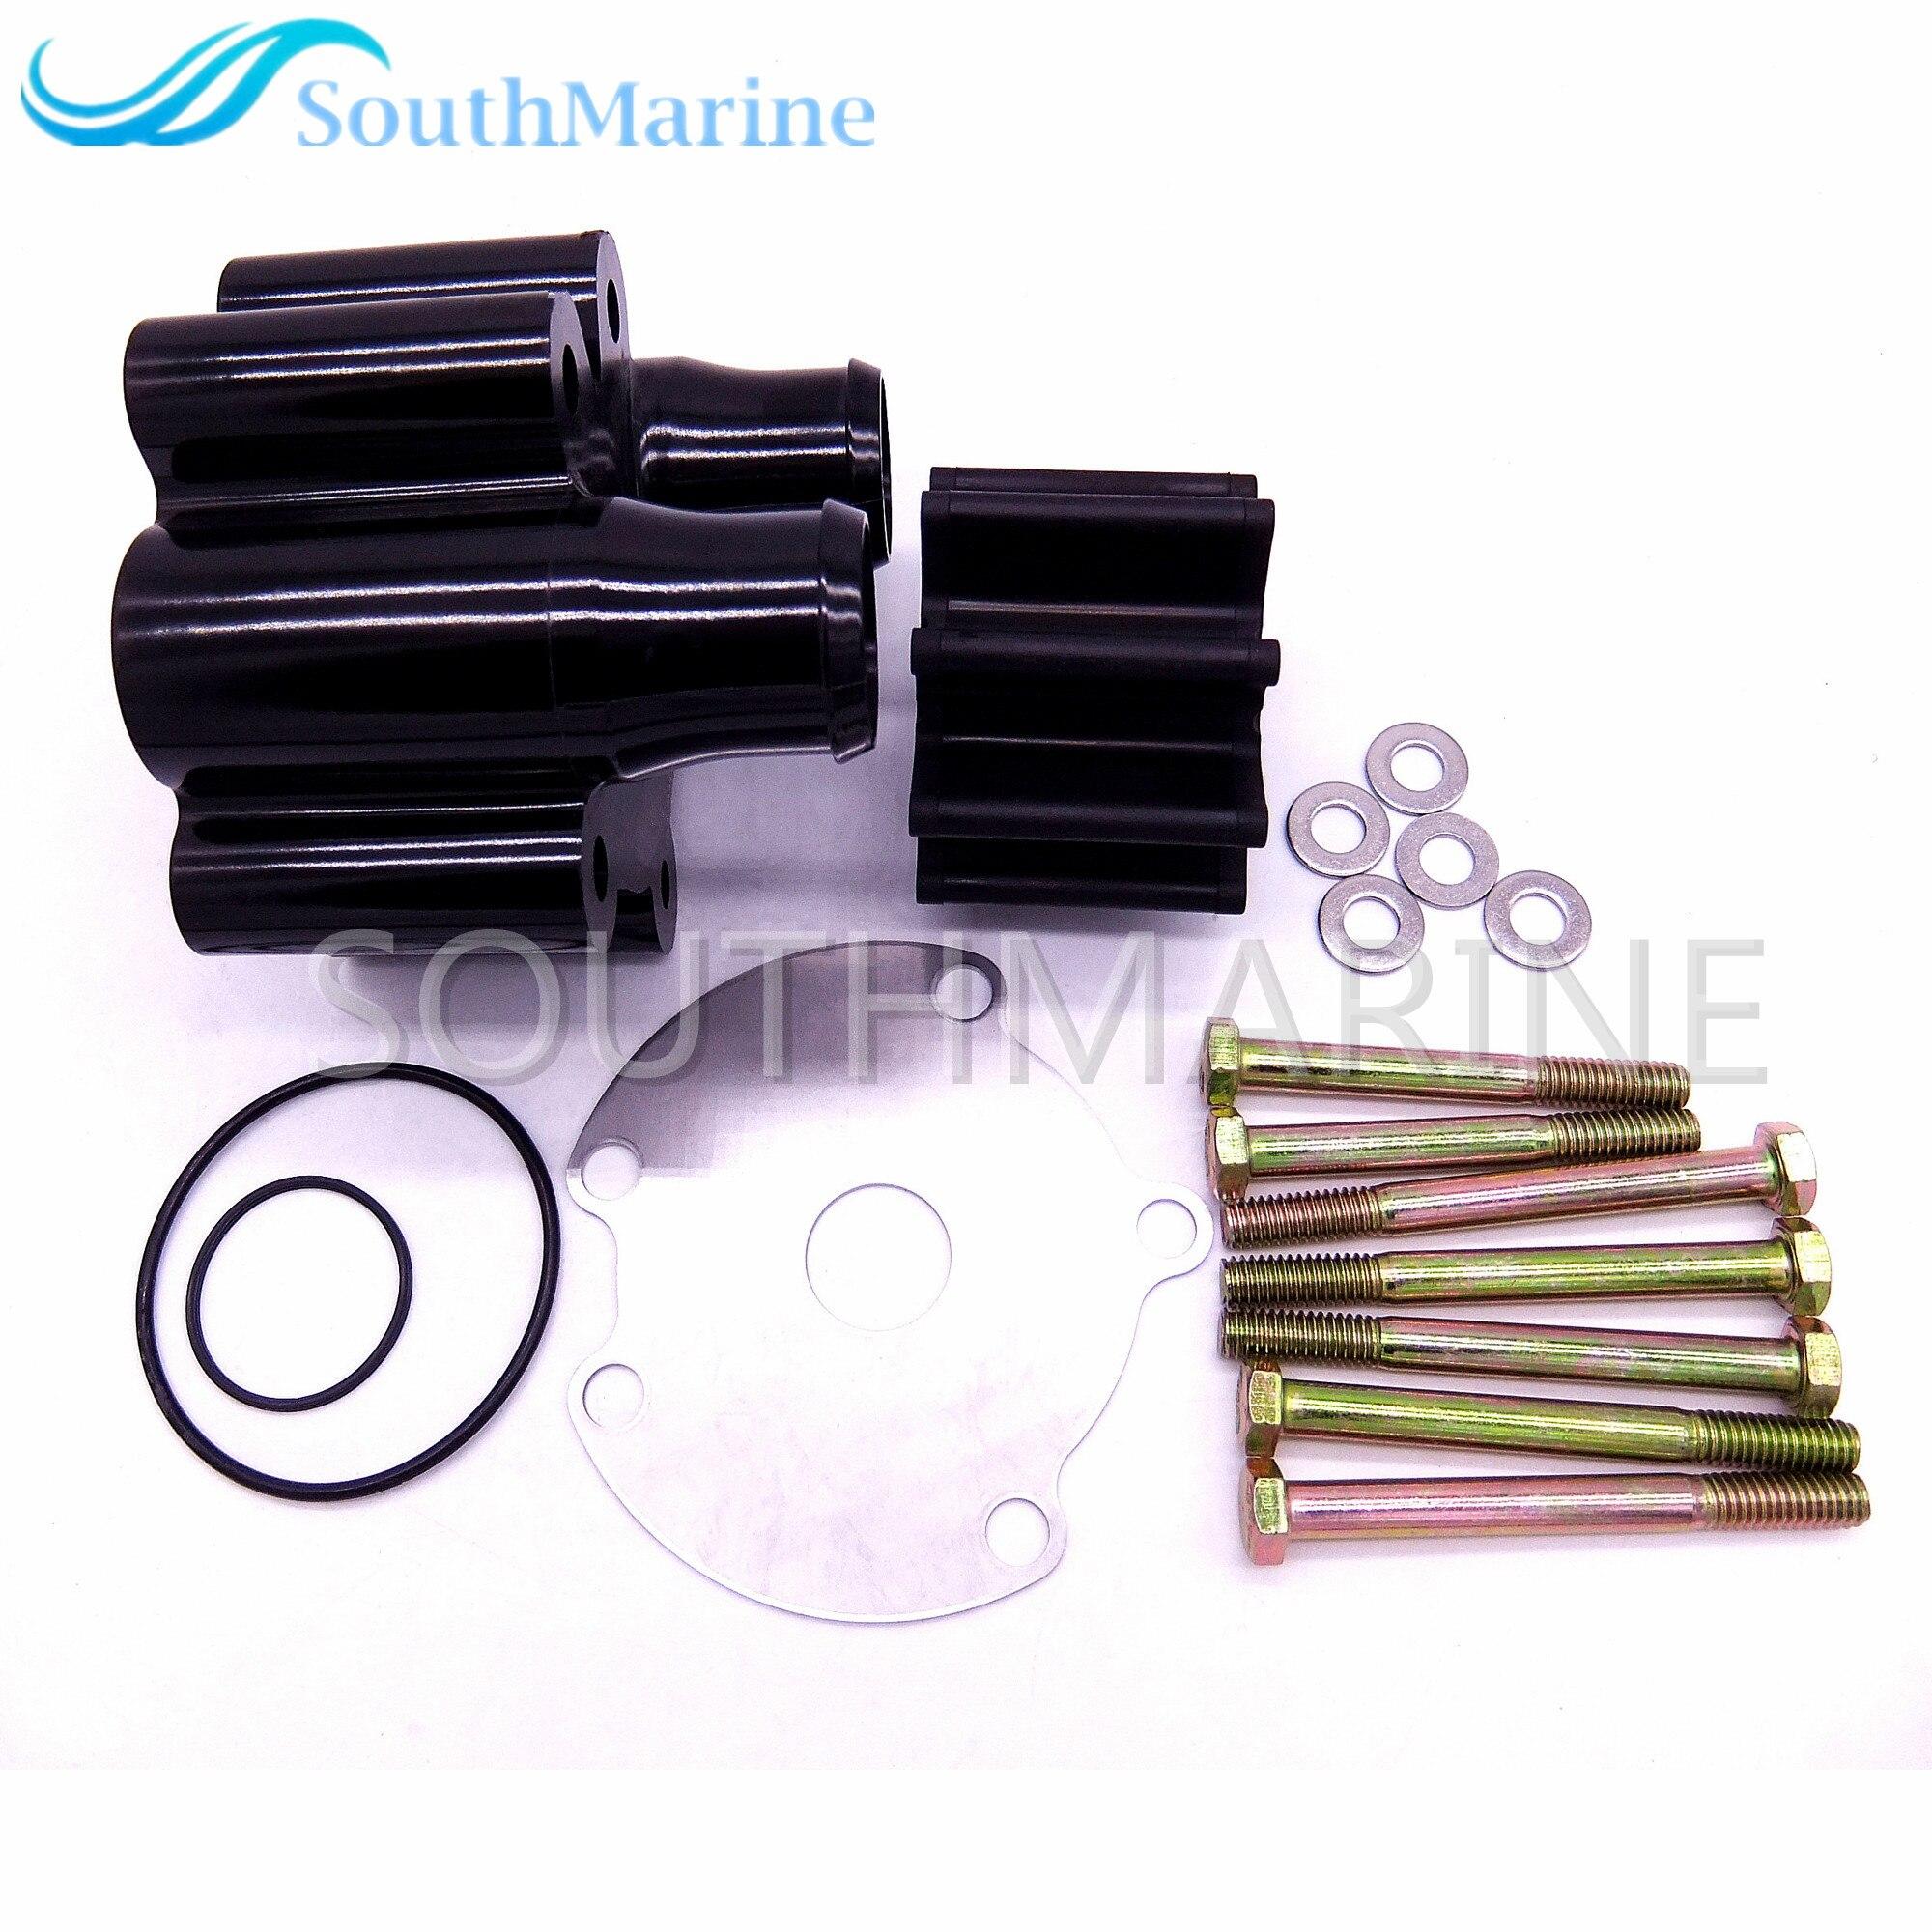 46 807151A14 46 807151A7 807151A14 for MerCruiser Bravo Water Pump Impeller Kit 807151A7